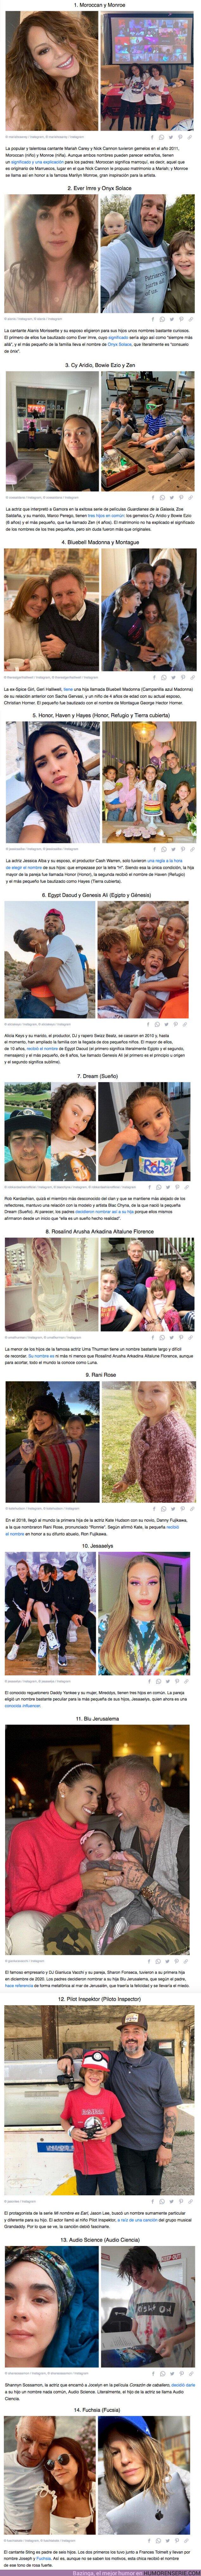 71006 - GALERÍA: 20+ Nombres de hijos de famosos que podrían ganar un premio a la originalidad